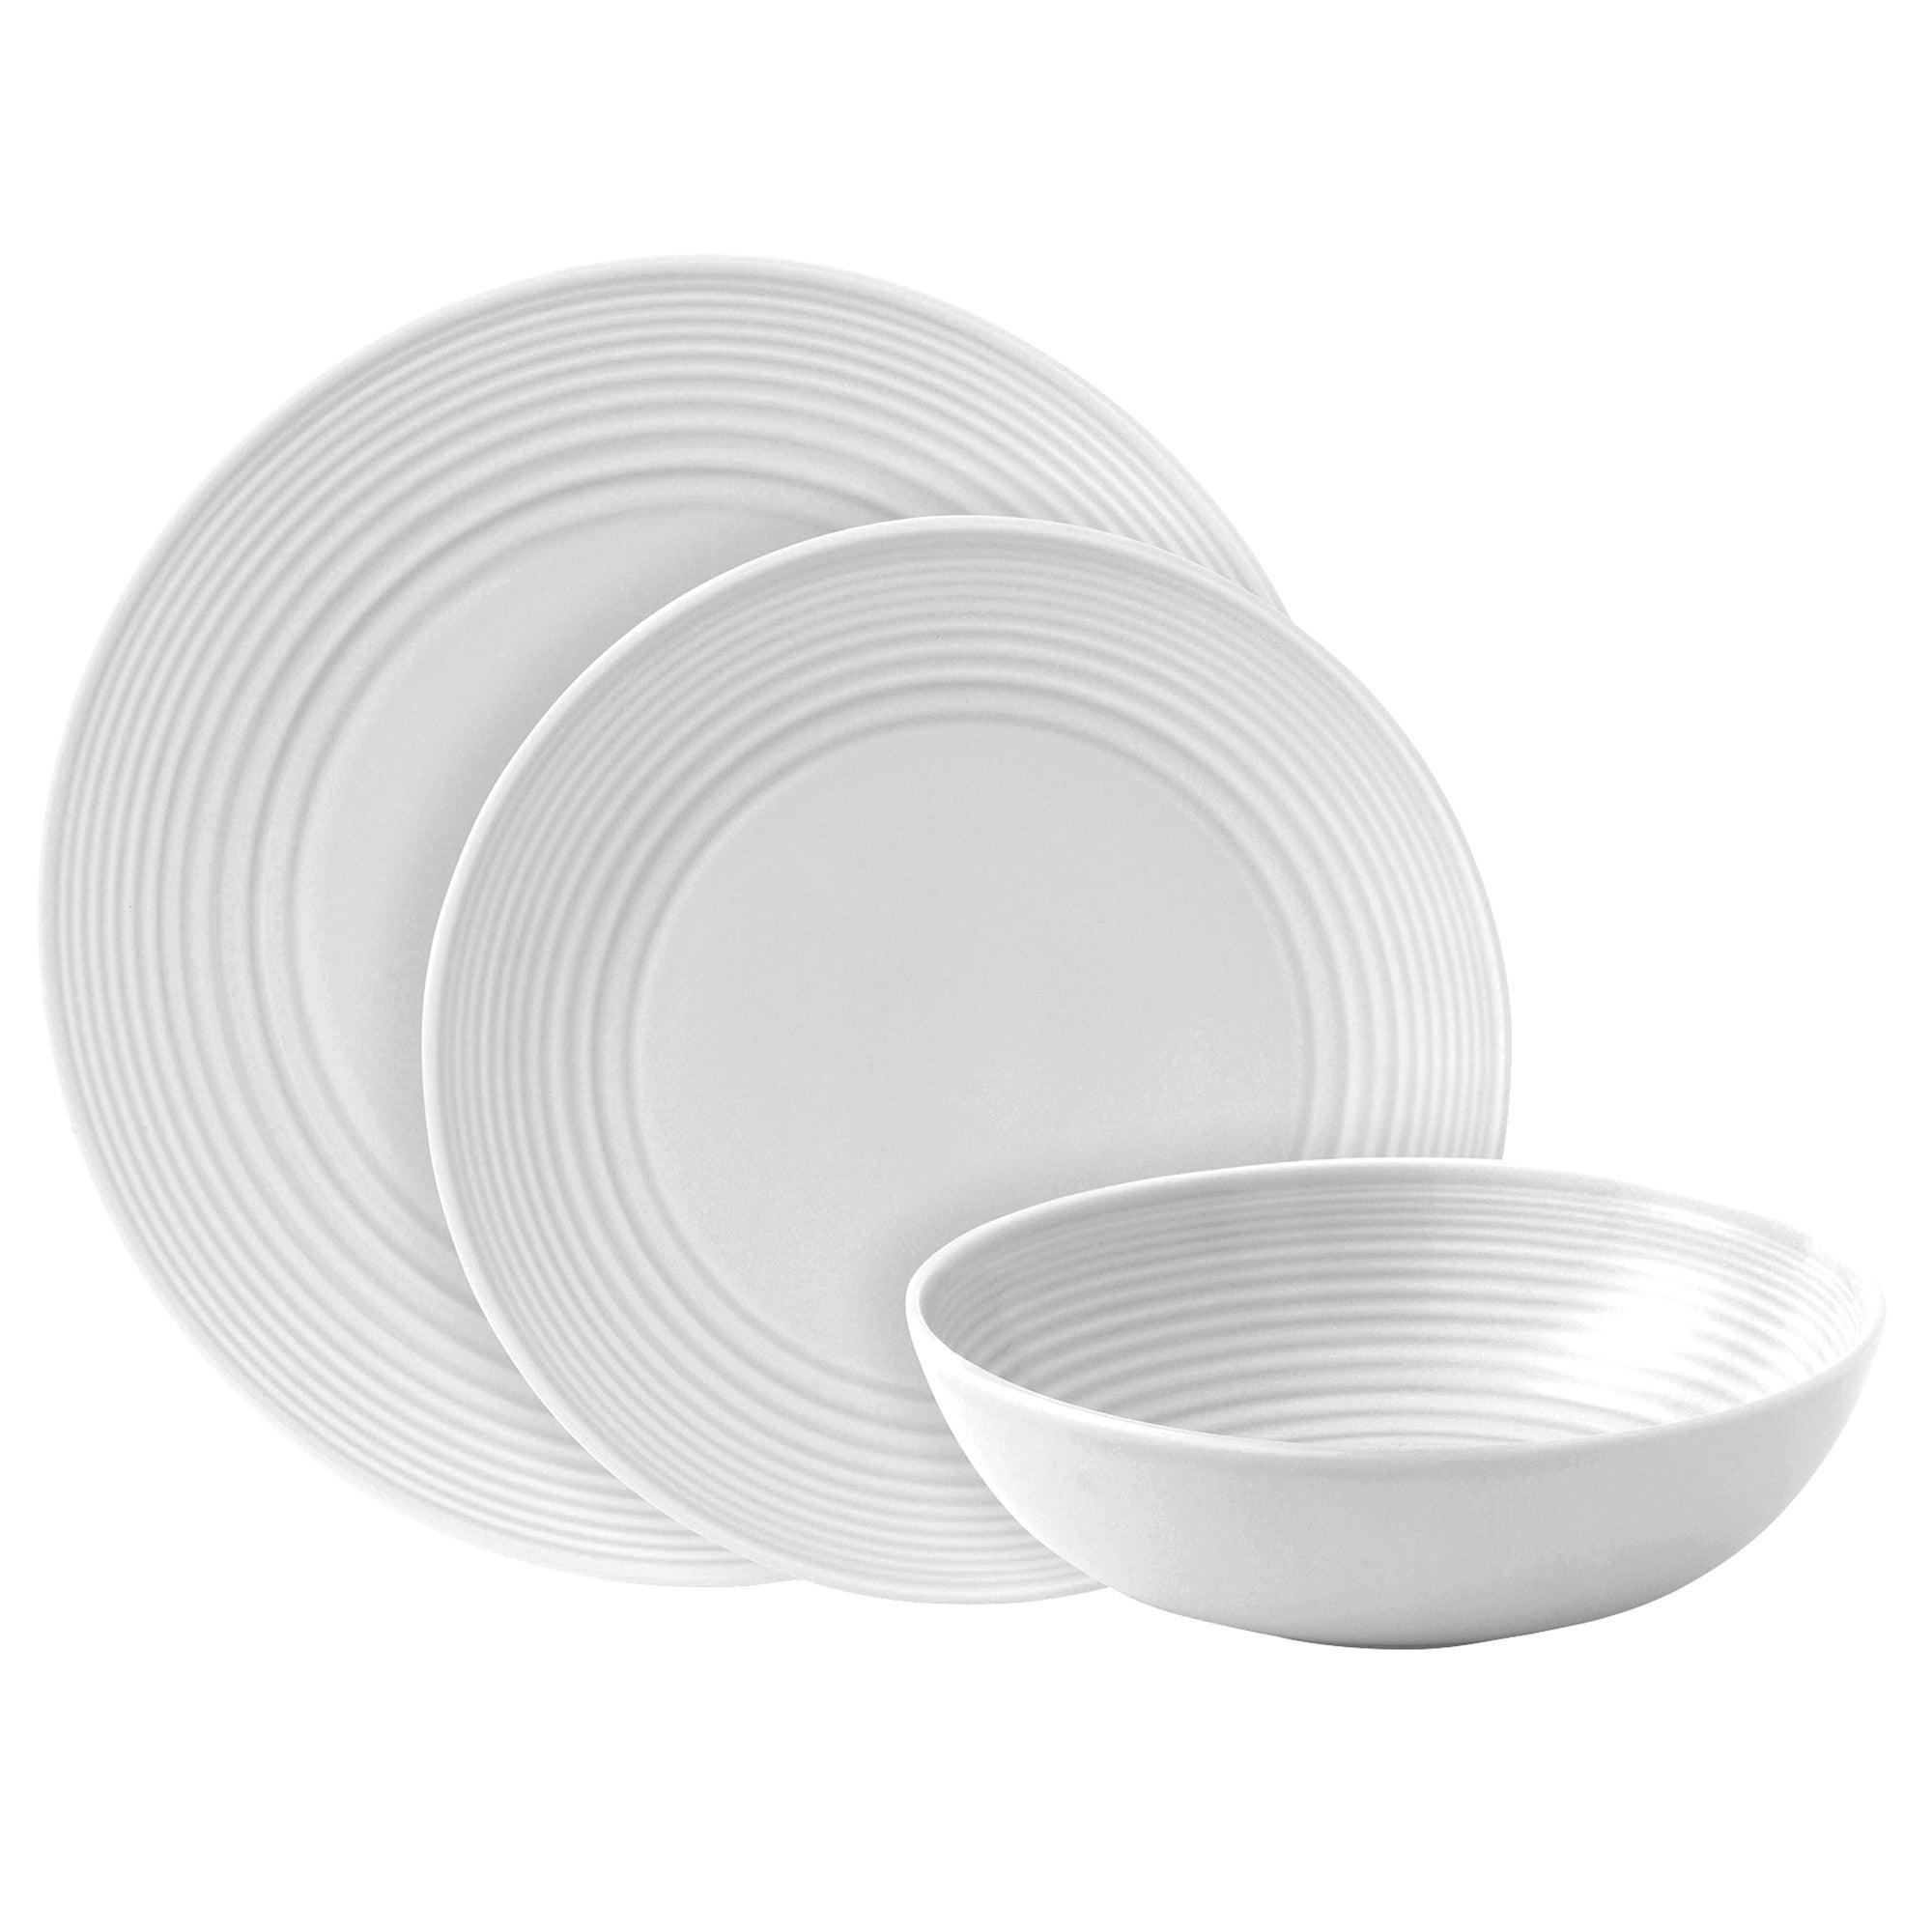 Image of Gordon Ramsay White Maze 12 Piece Dinner Set White